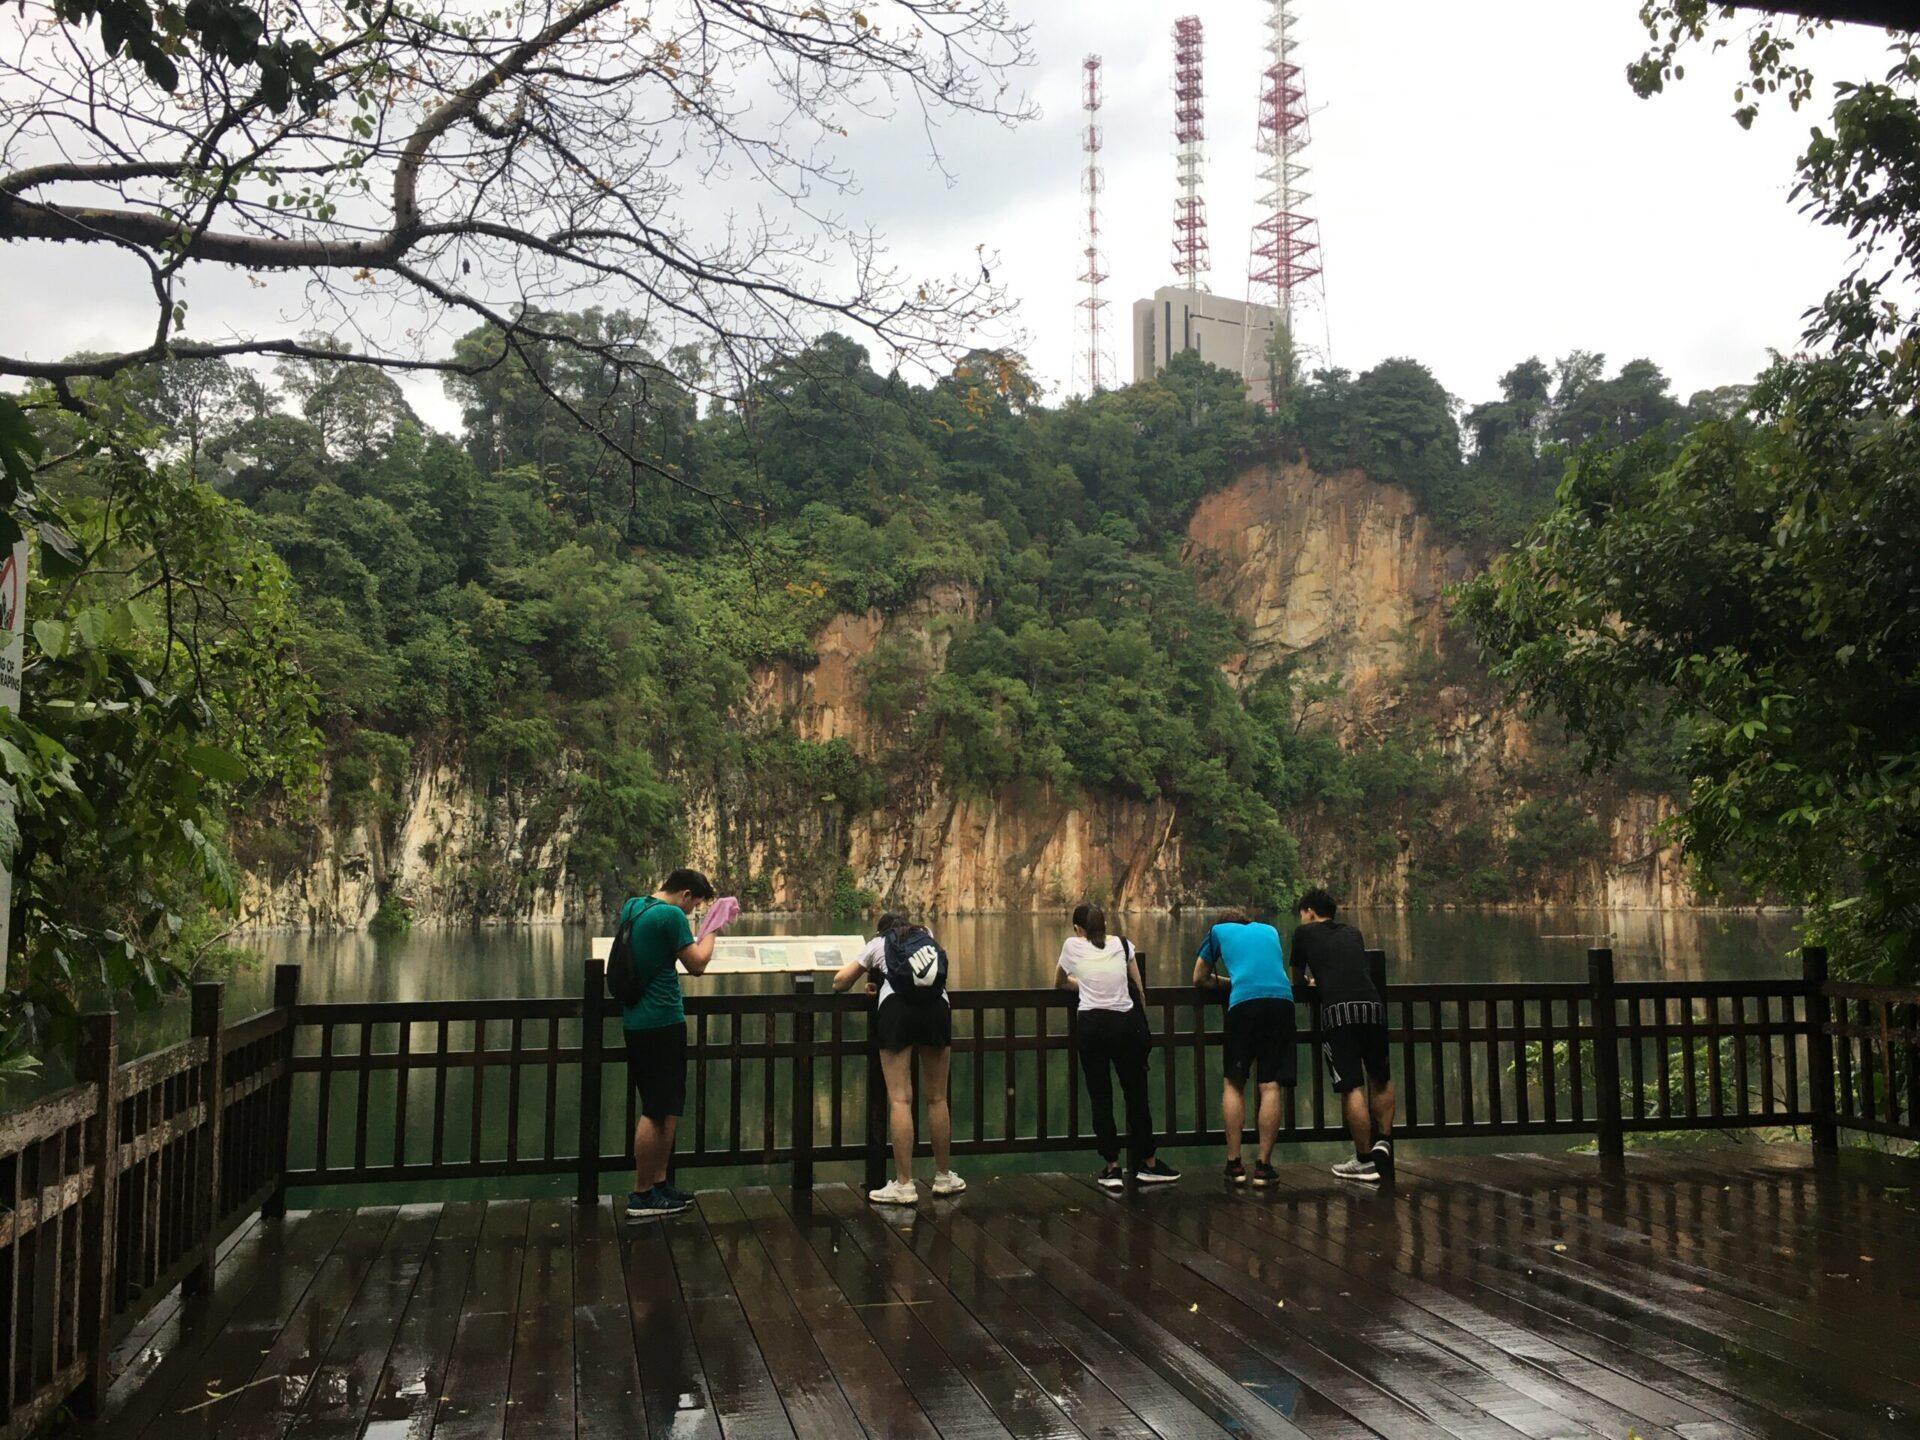 シンガポールの国立公園へ行こう! Dairy Farm Nature Park 〜 Bukit Timah Summit 〜 Hindhede Nature Park